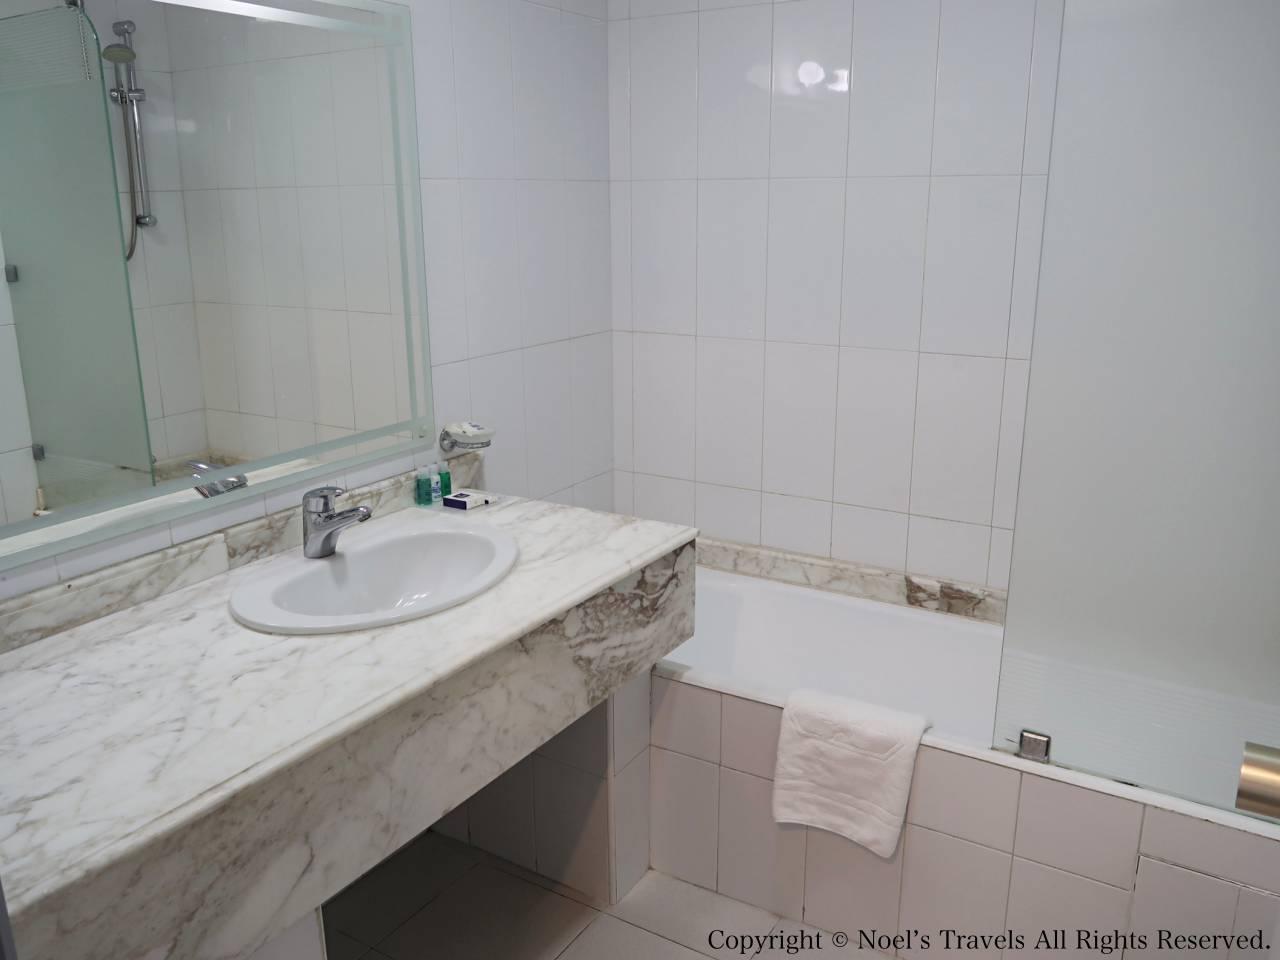 ホテル「Idou Anfa」のバスルーム